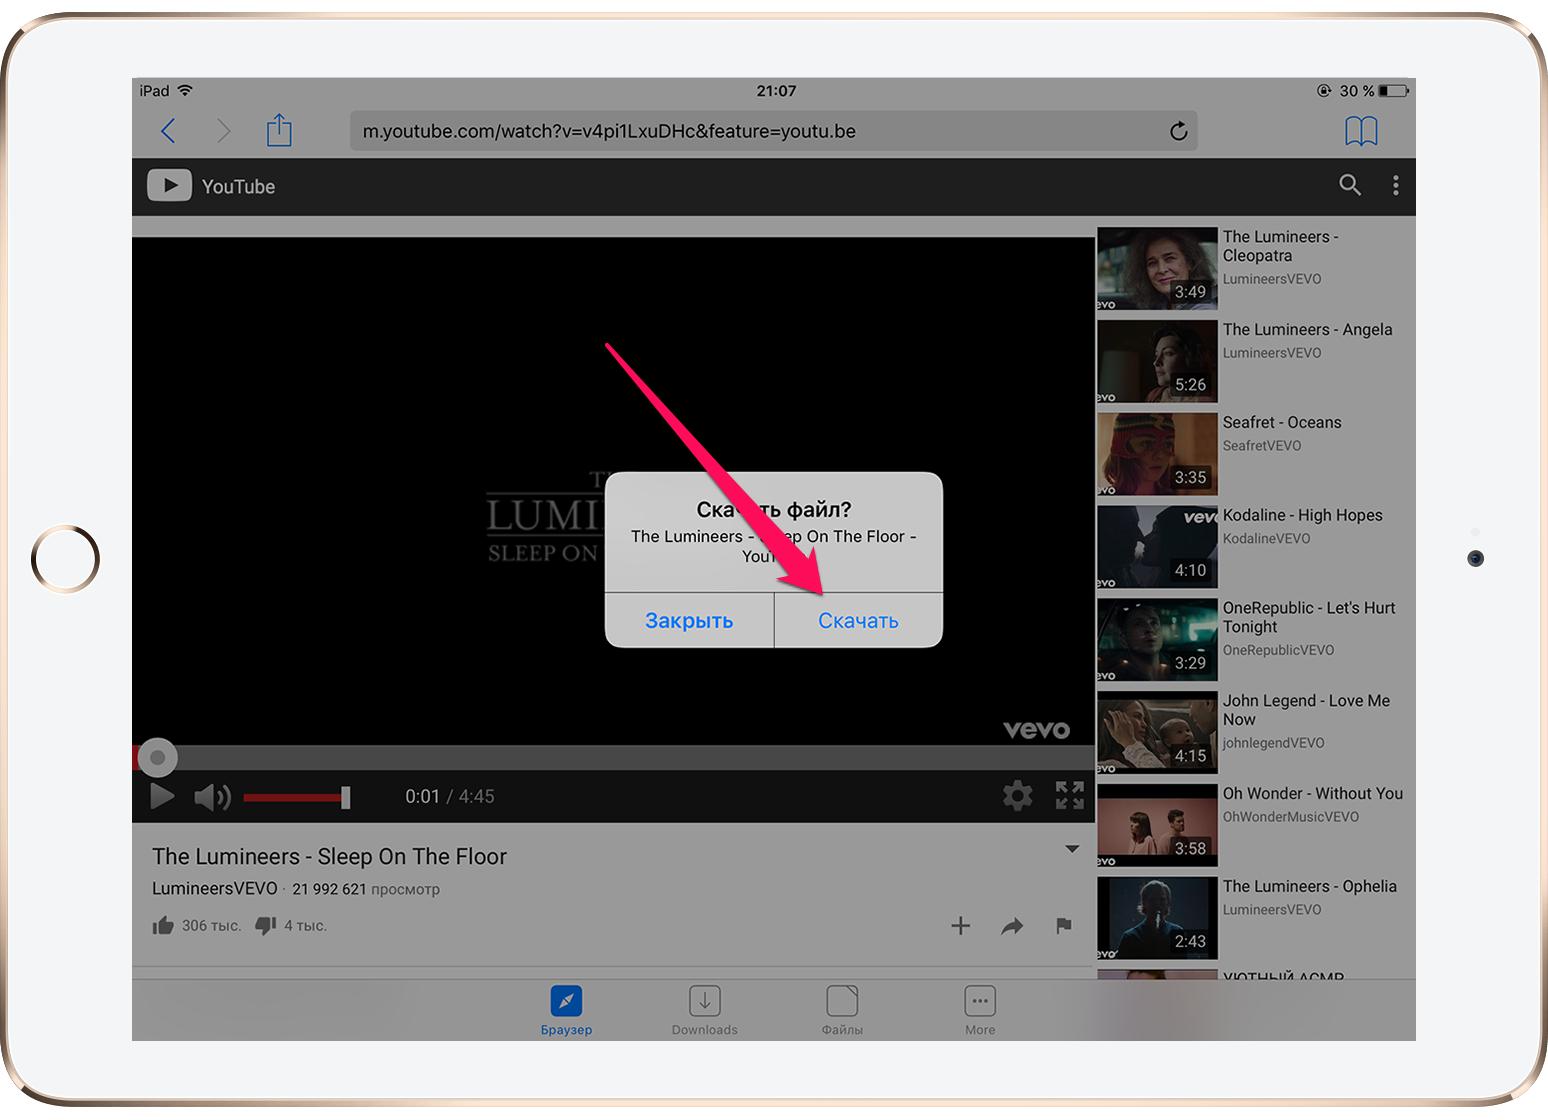 инструкция как смотреть видео в ютубе на айфоне без рекламы